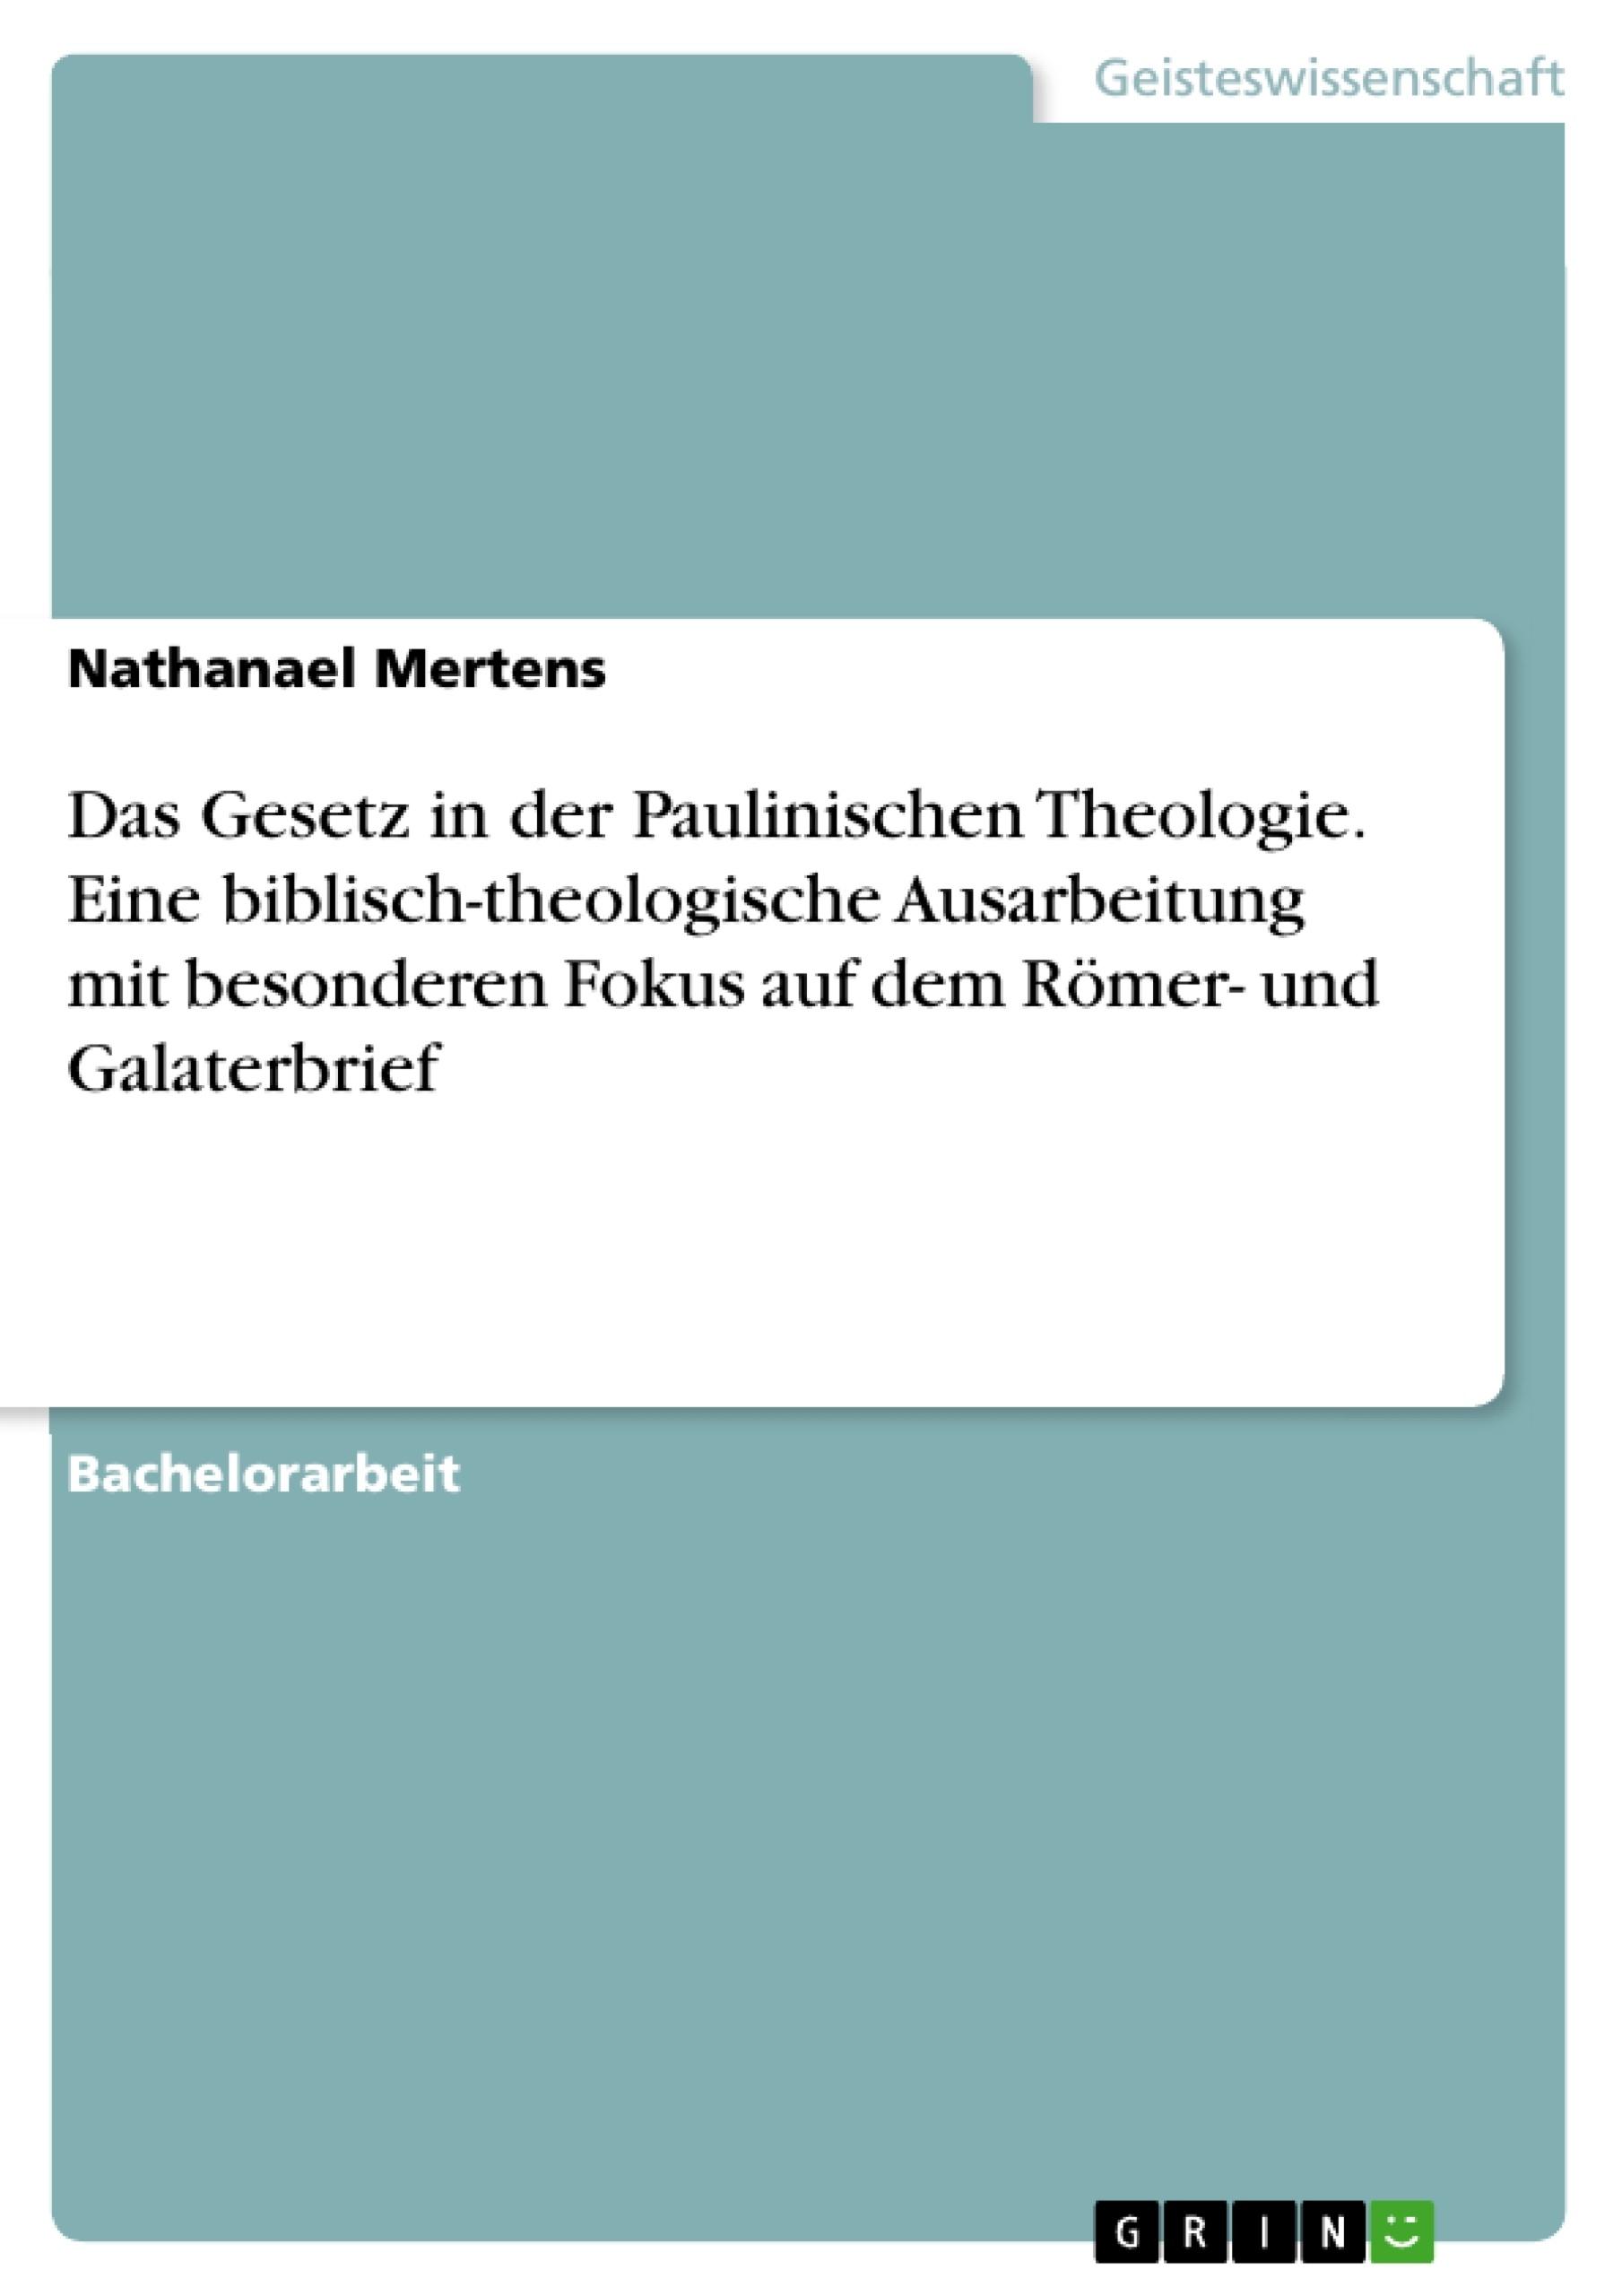 Titel: Das Gesetz in der Paulinischen Theologie. Eine biblisch-theologische Ausarbeitung mit besonderen Fokus auf dem Römer- und Galaterbrief